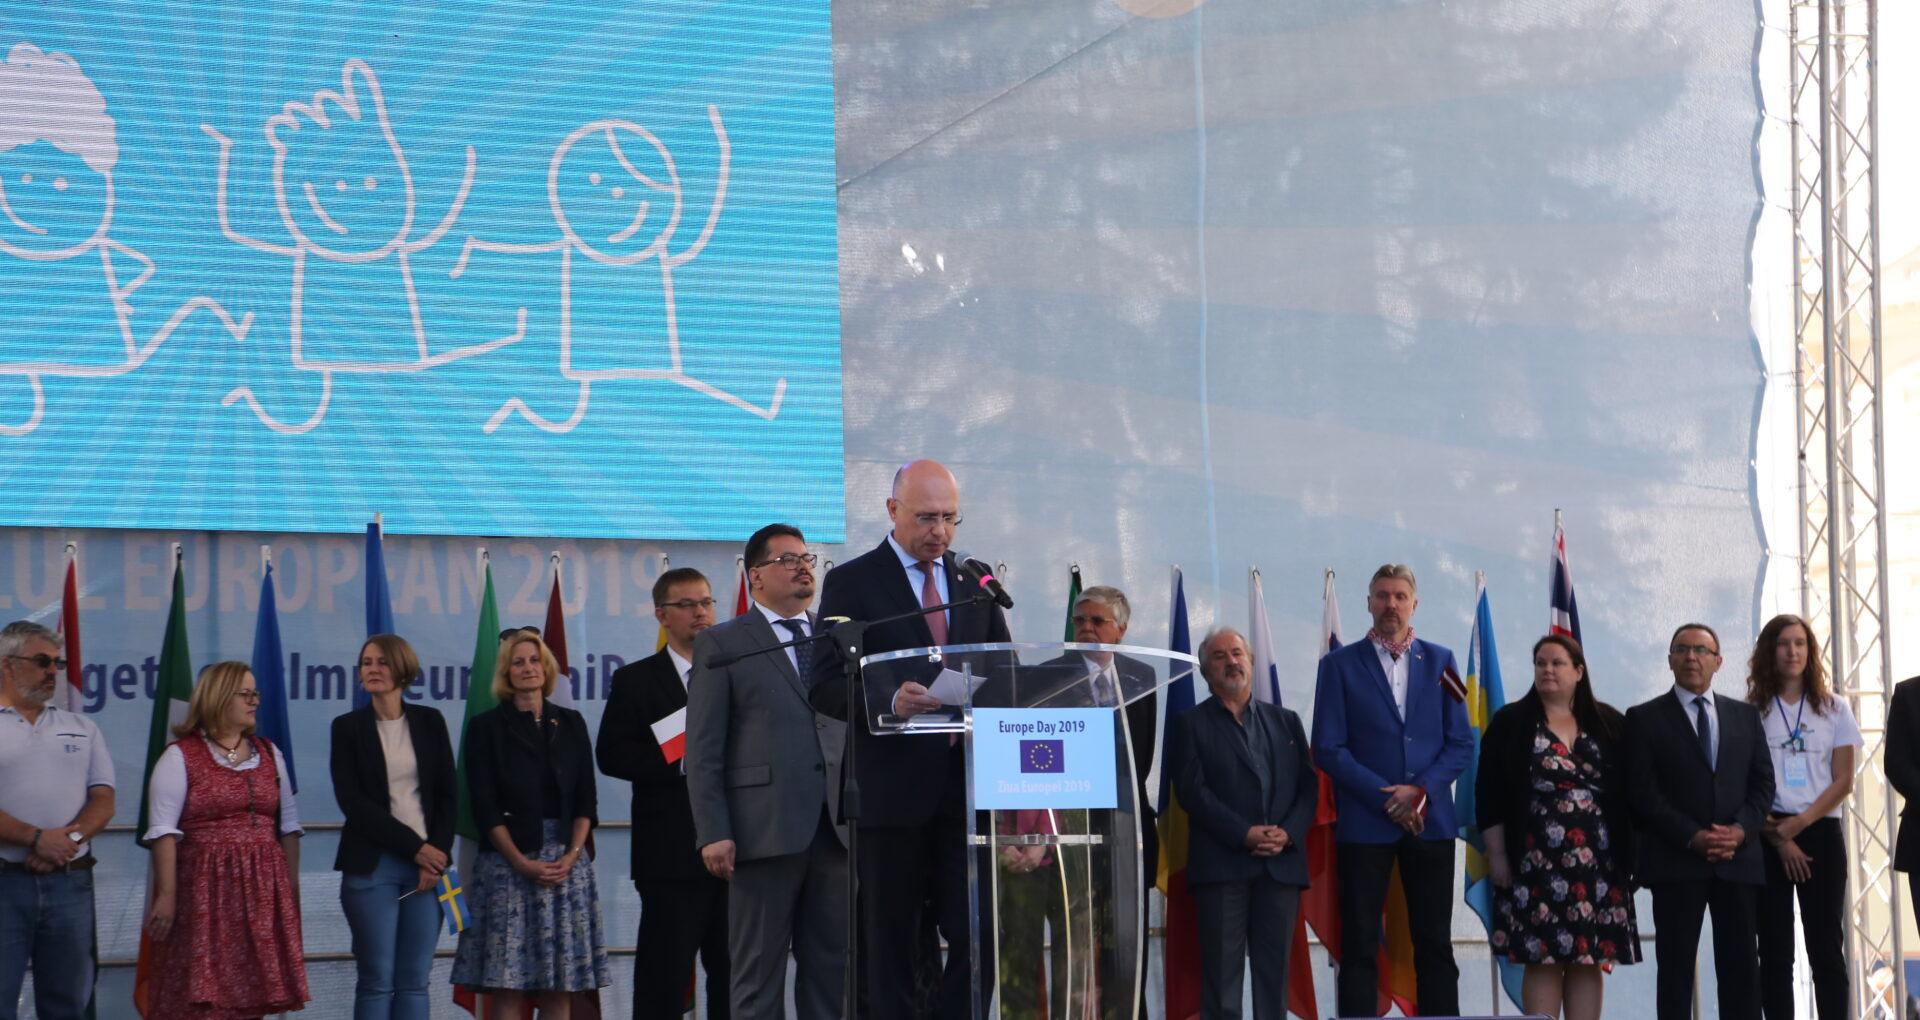 VOX: Ce cred cetățenii despre valorile europene promovate de guvernare